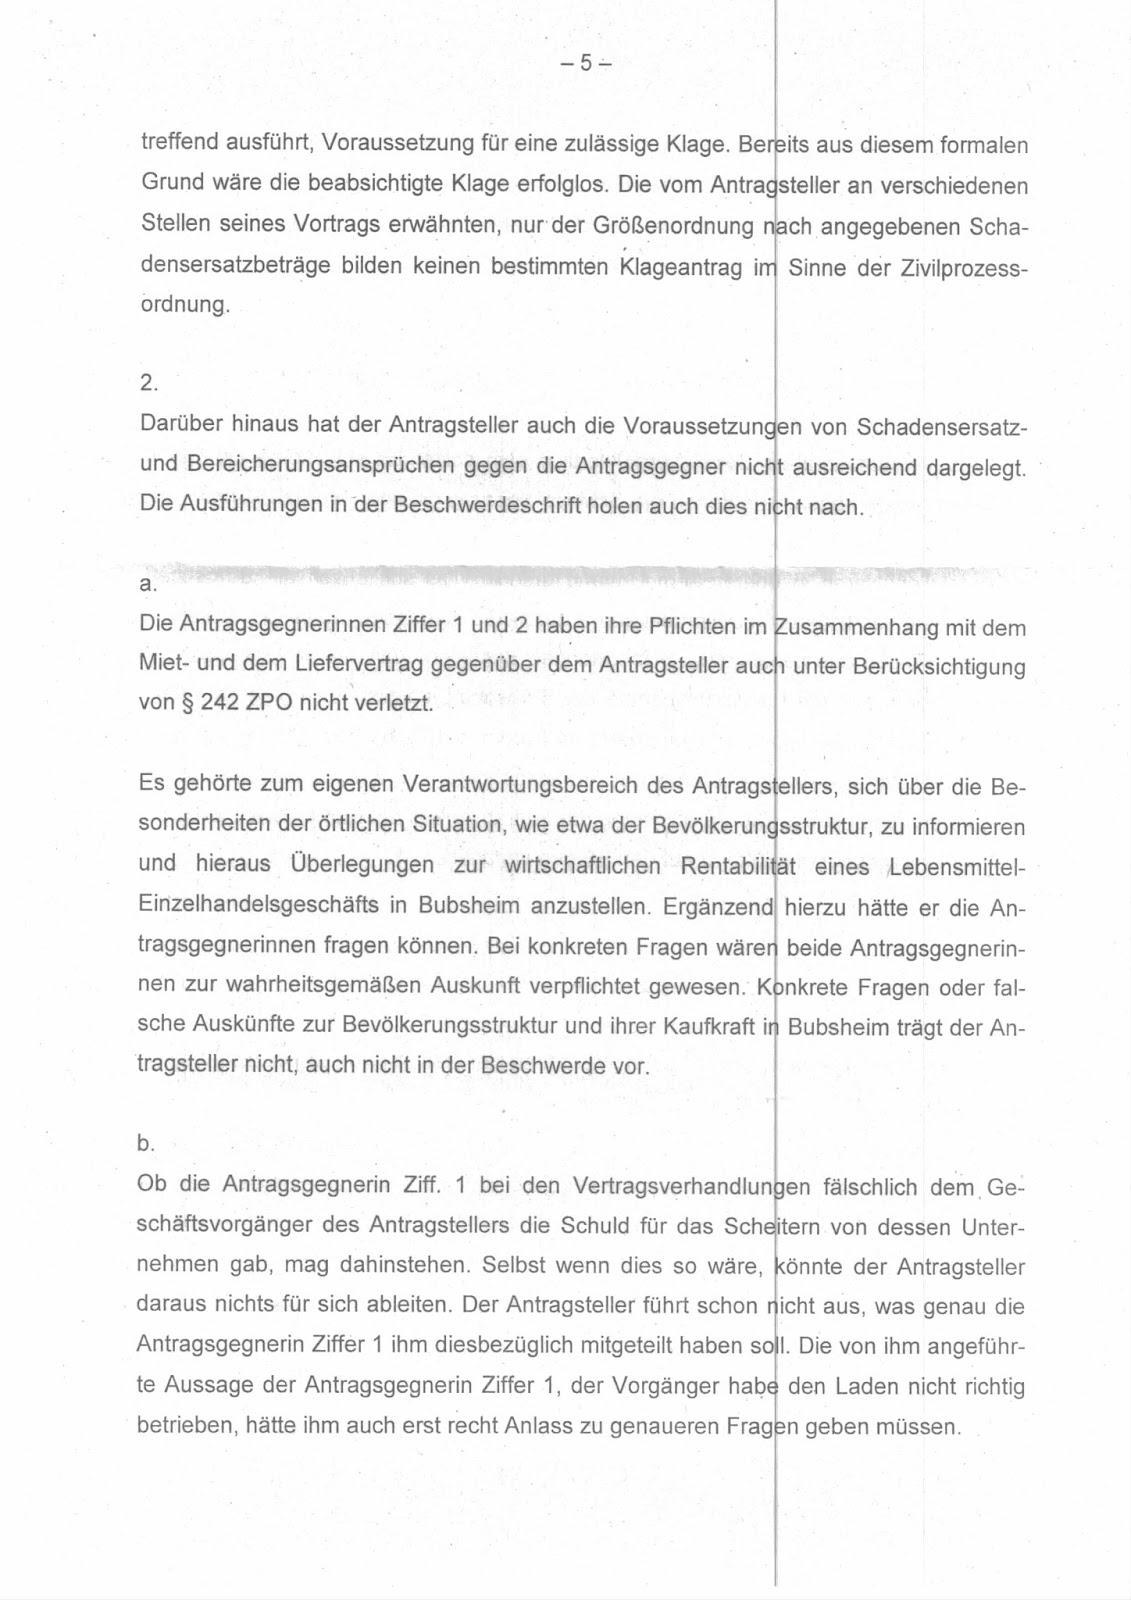 Ausgezeichnet Liefervertrag Vorlage Bilder - Beispiel Business ...